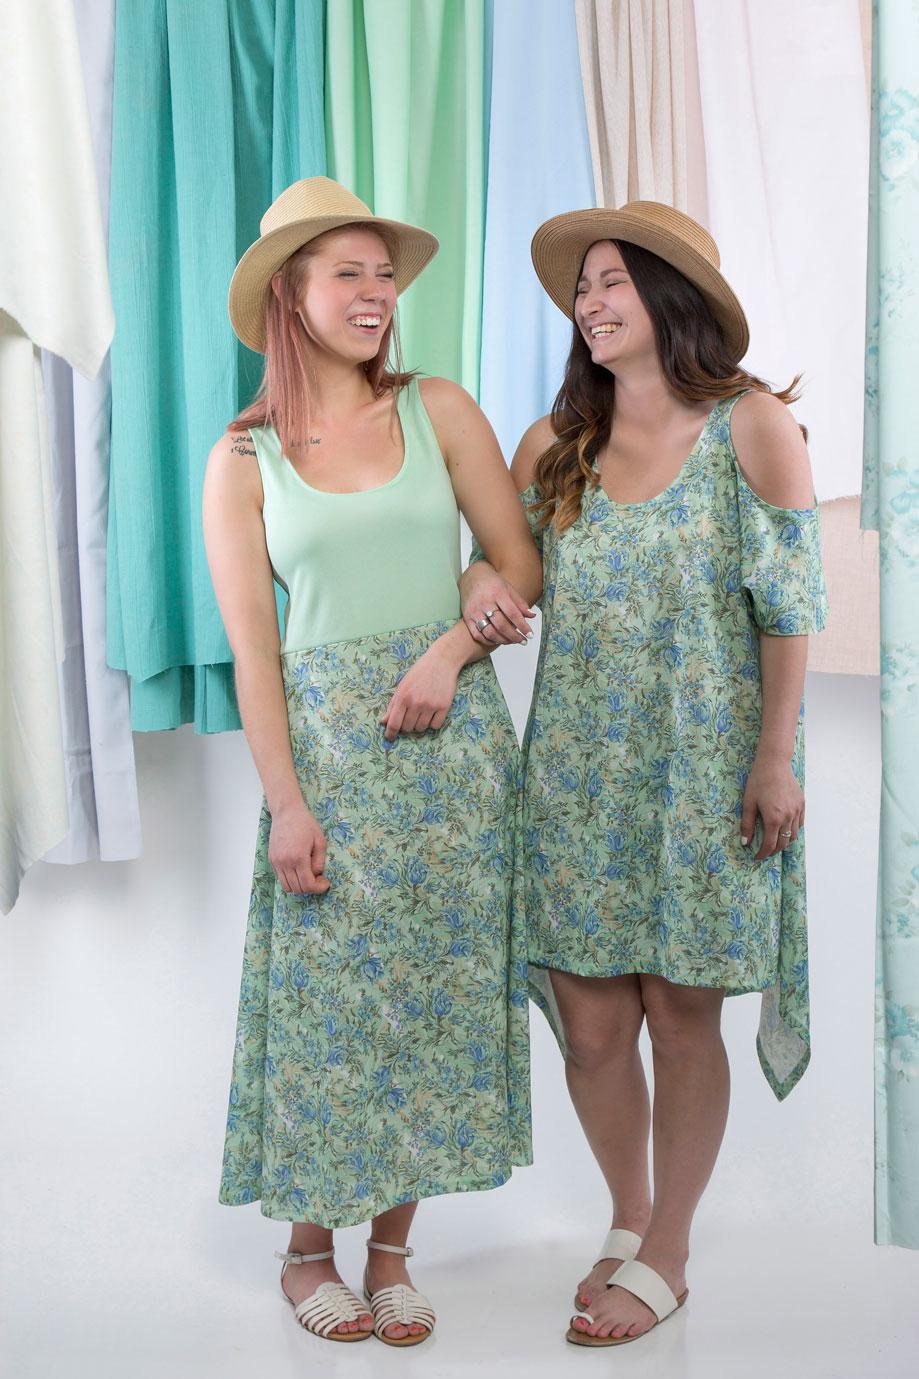 Sandra Dress & Olivia Dress